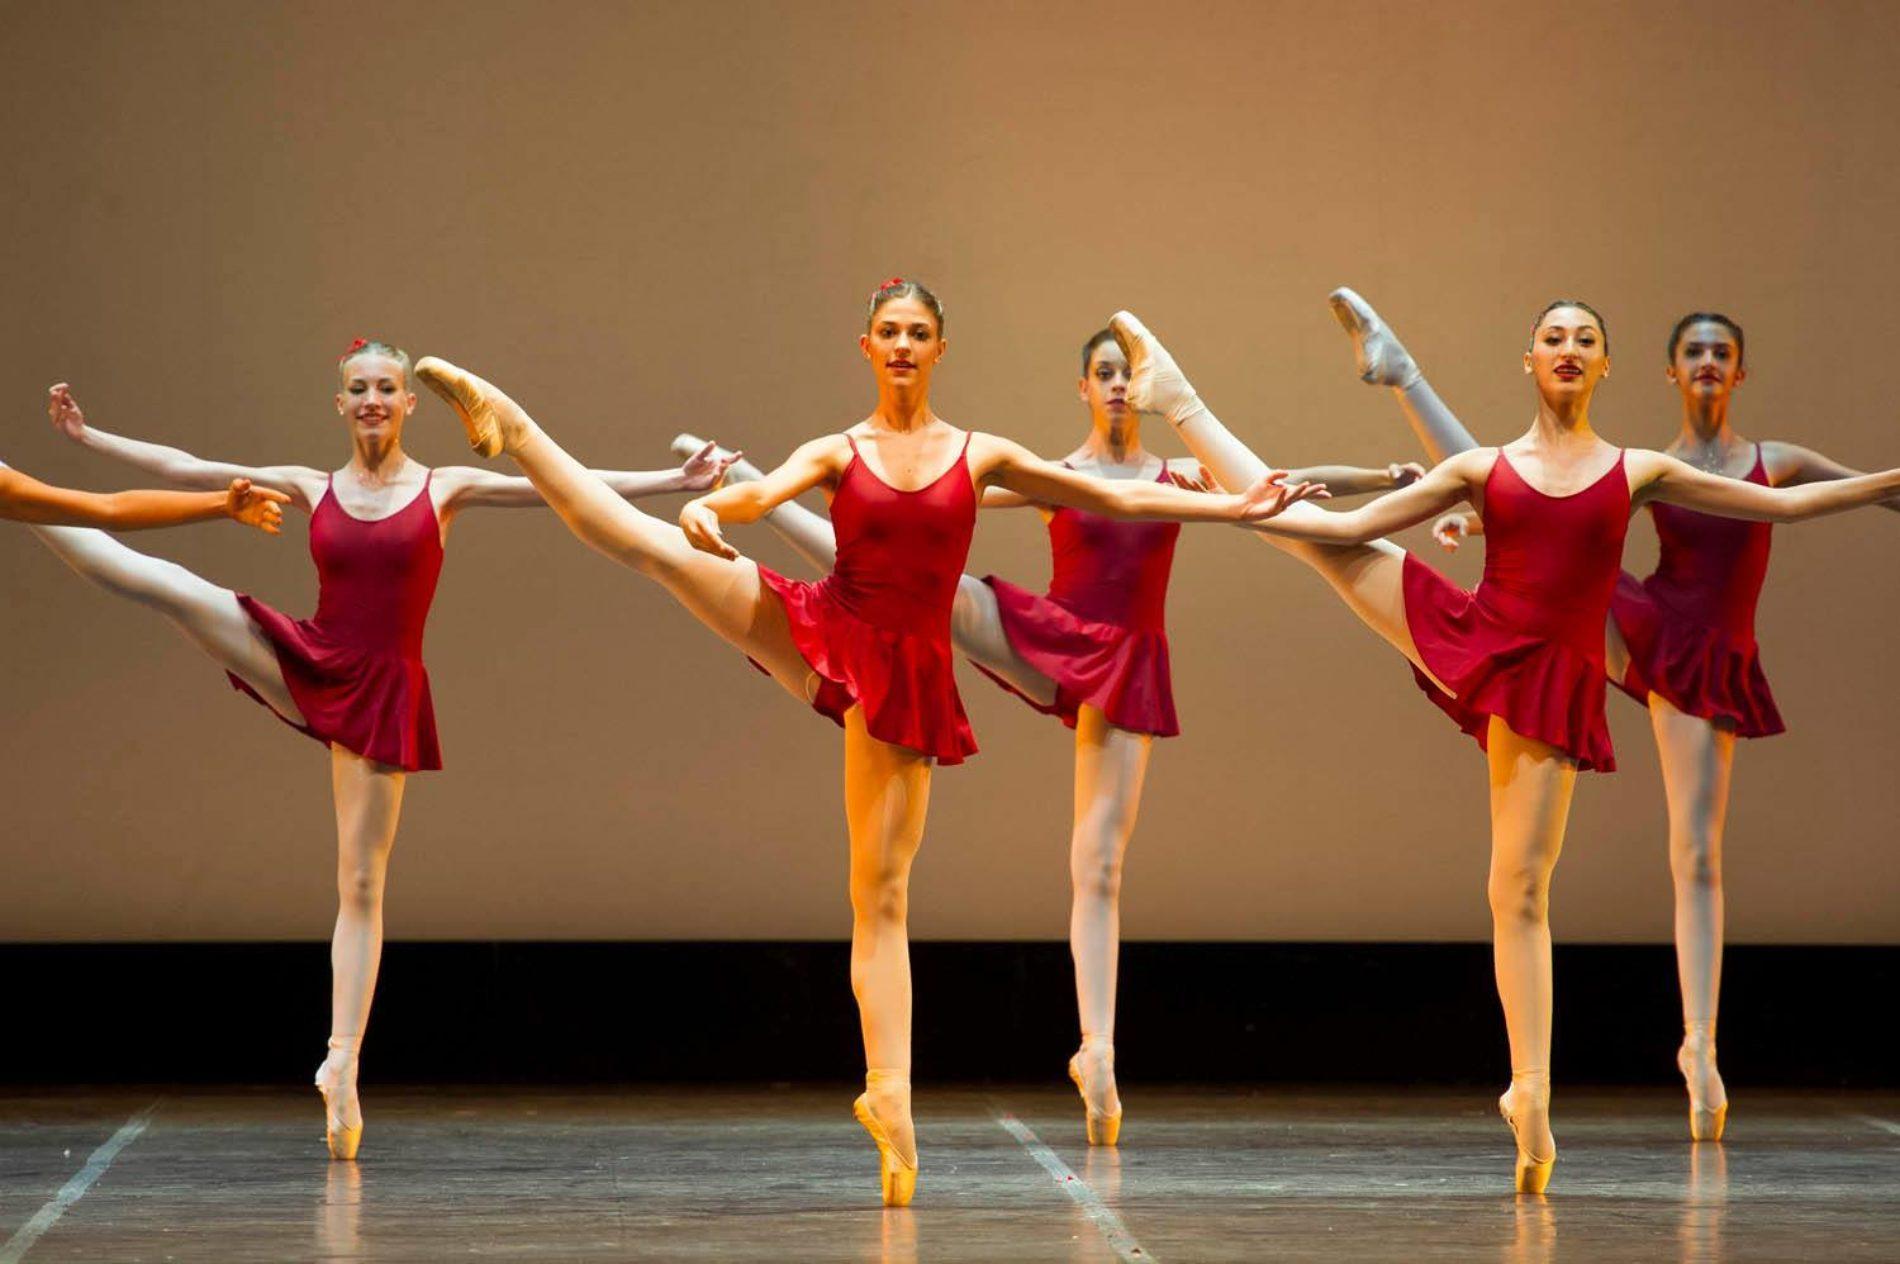 Scuole di ballo a Napoli: ecco alcune delle migliori